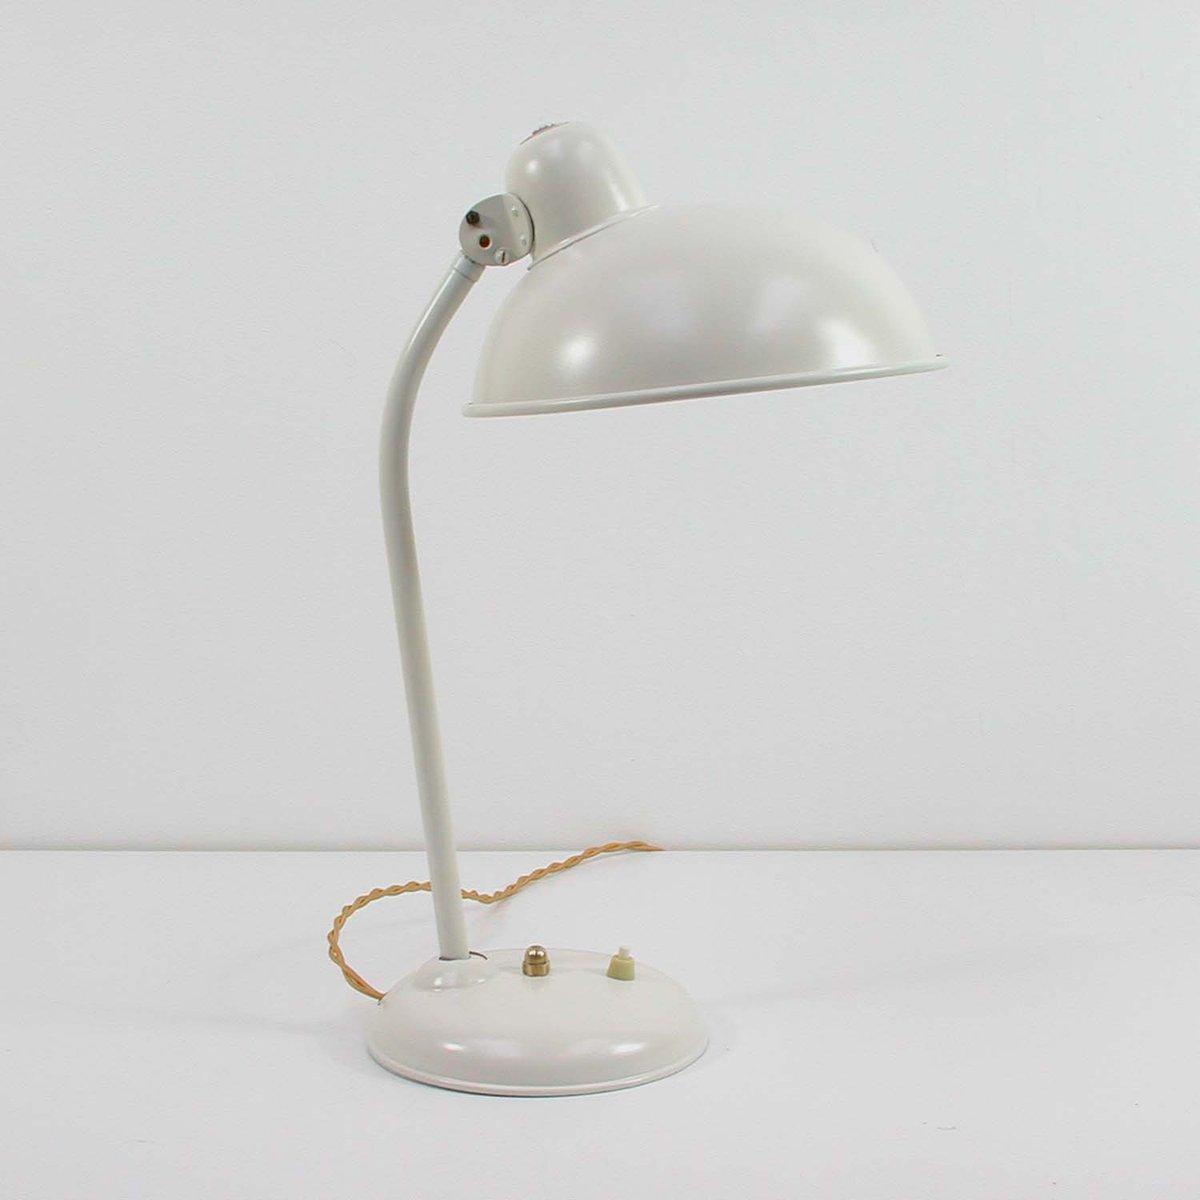 lampe de bureau vintage industriel bauhau de helo en vente sur pamono. Black Bedroom Furniture Sets. Home Design Ideas